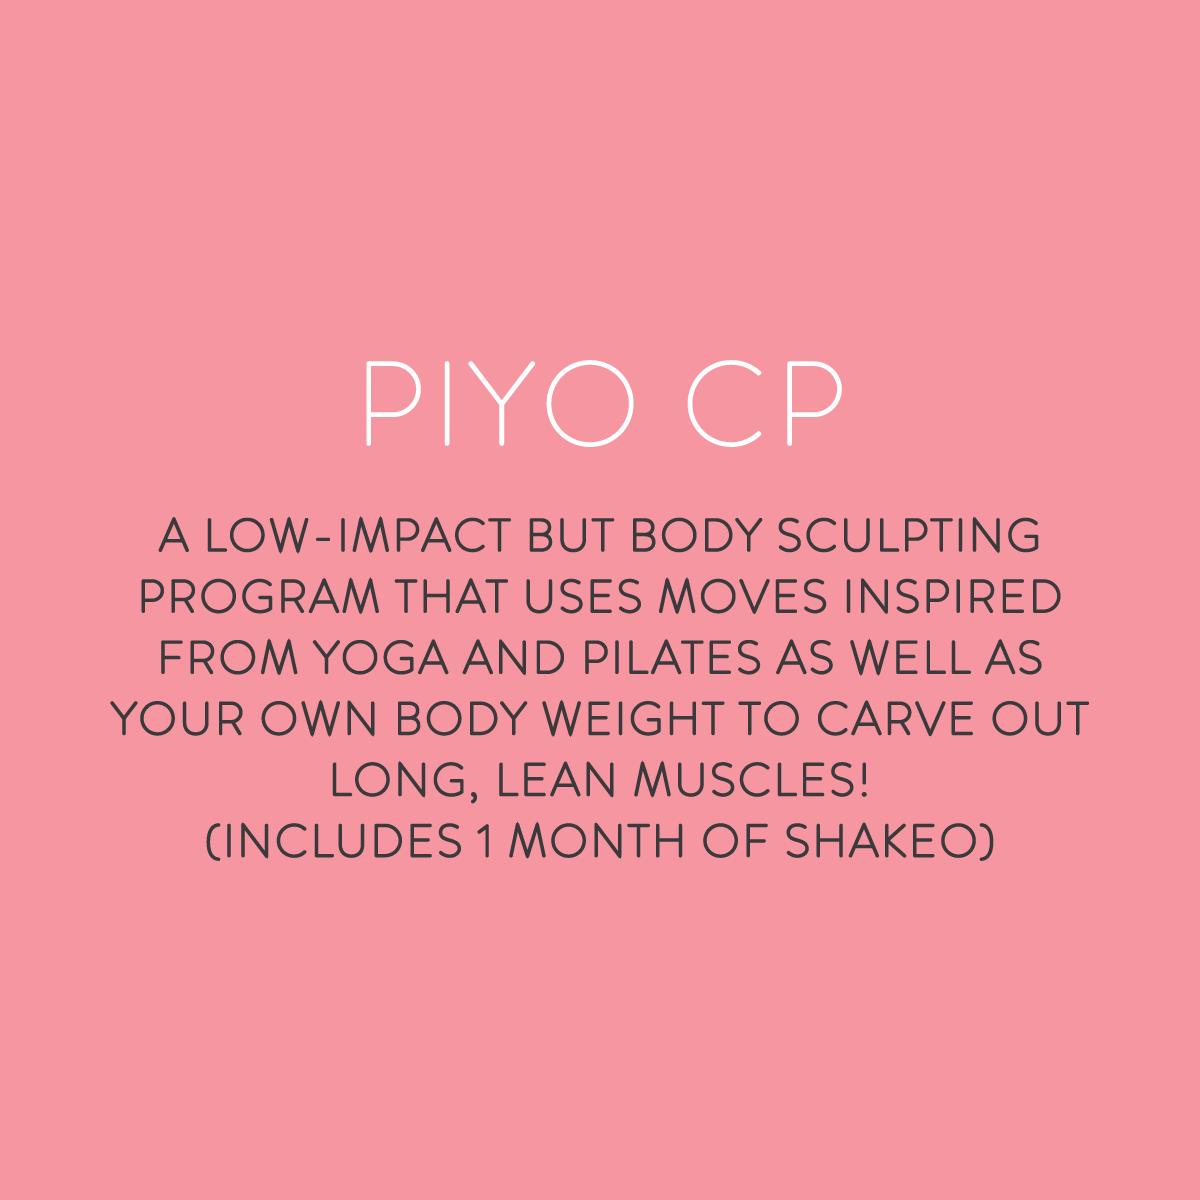 piyo cp